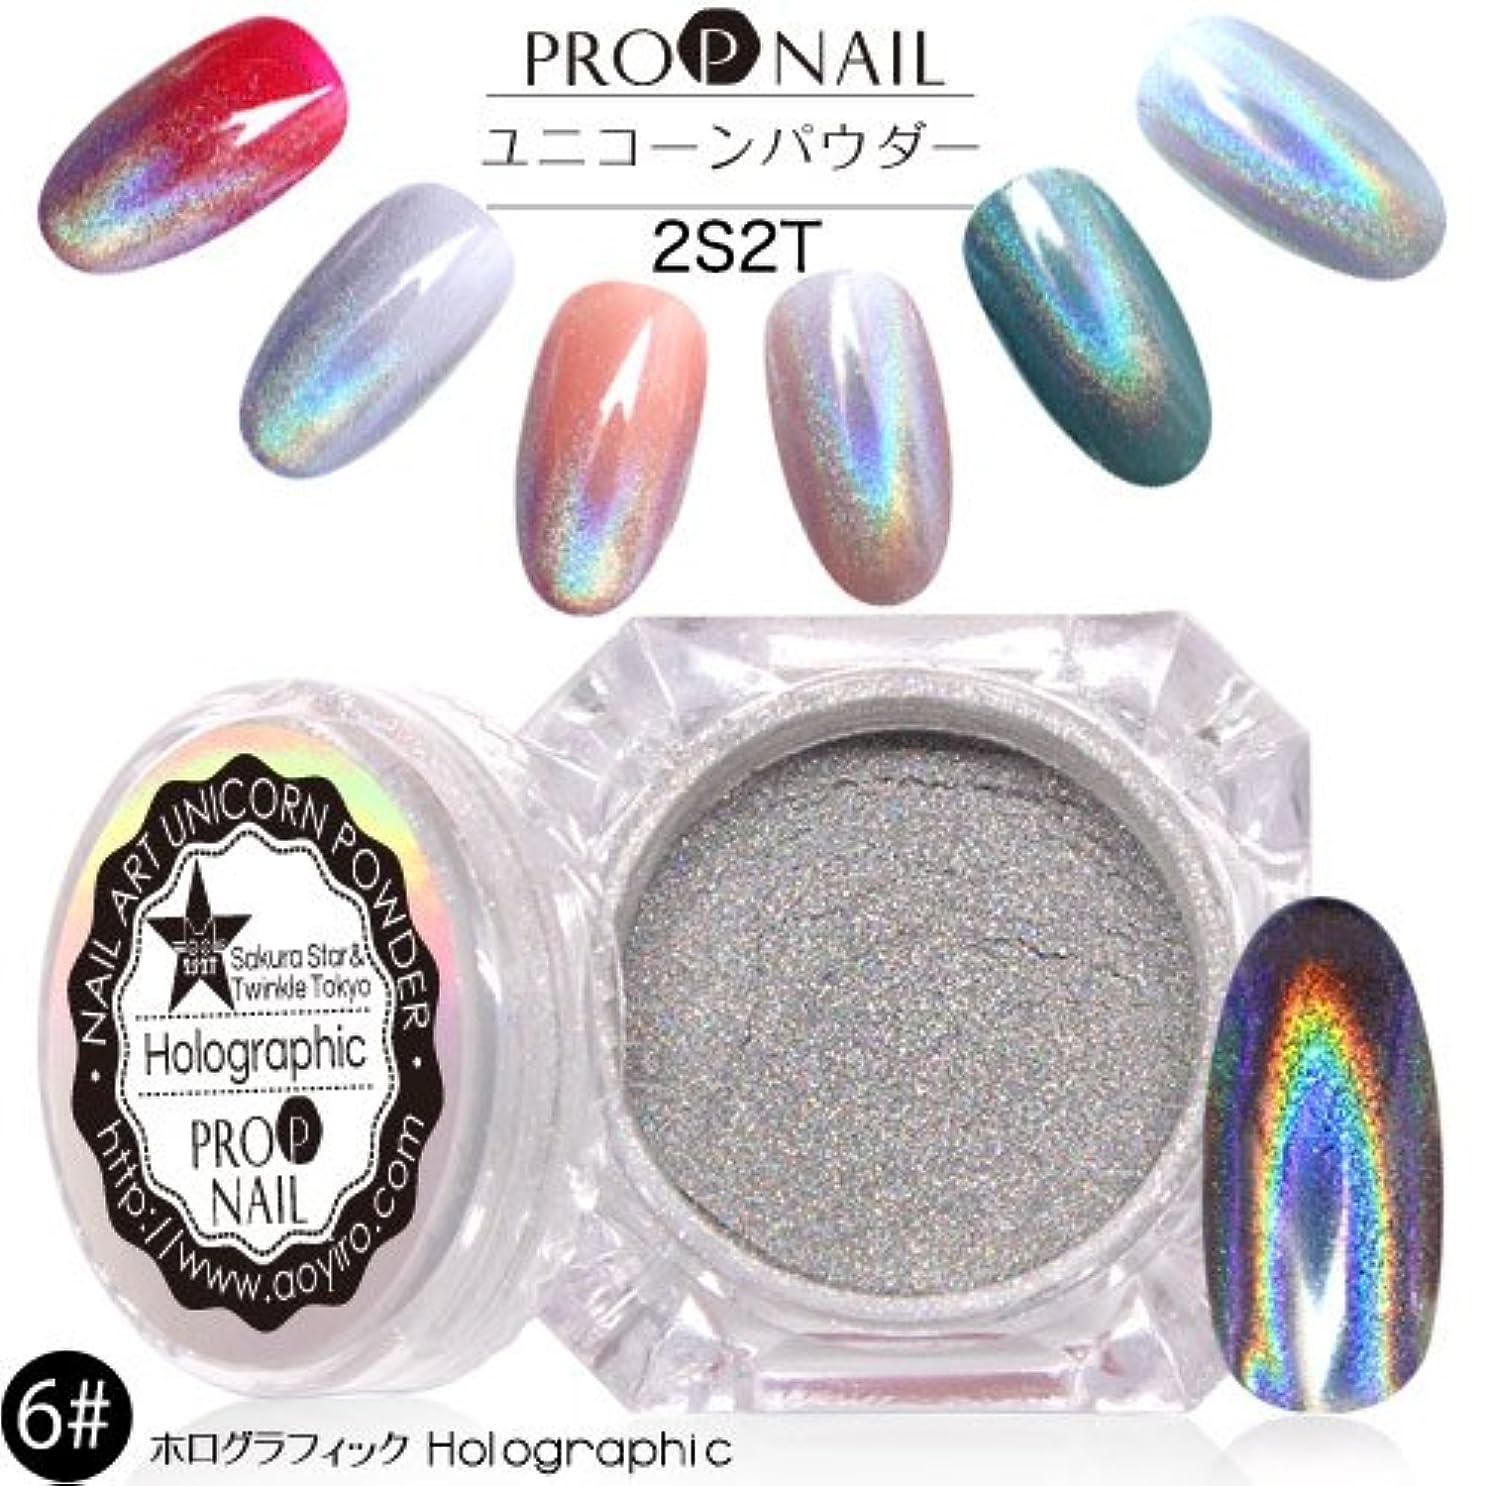 契約彼女自身デンプシー(6#ホログラフィック)【2S2Tマジックレインボーメタルミラーパウダー】クロムパウダー/ユニコーンパウダー/オーロラ/クロムピグメント/メタリック/鏡面/ミラー/パウダー/グリッター/パール/Magic Metal Rainbow Mirror Powder